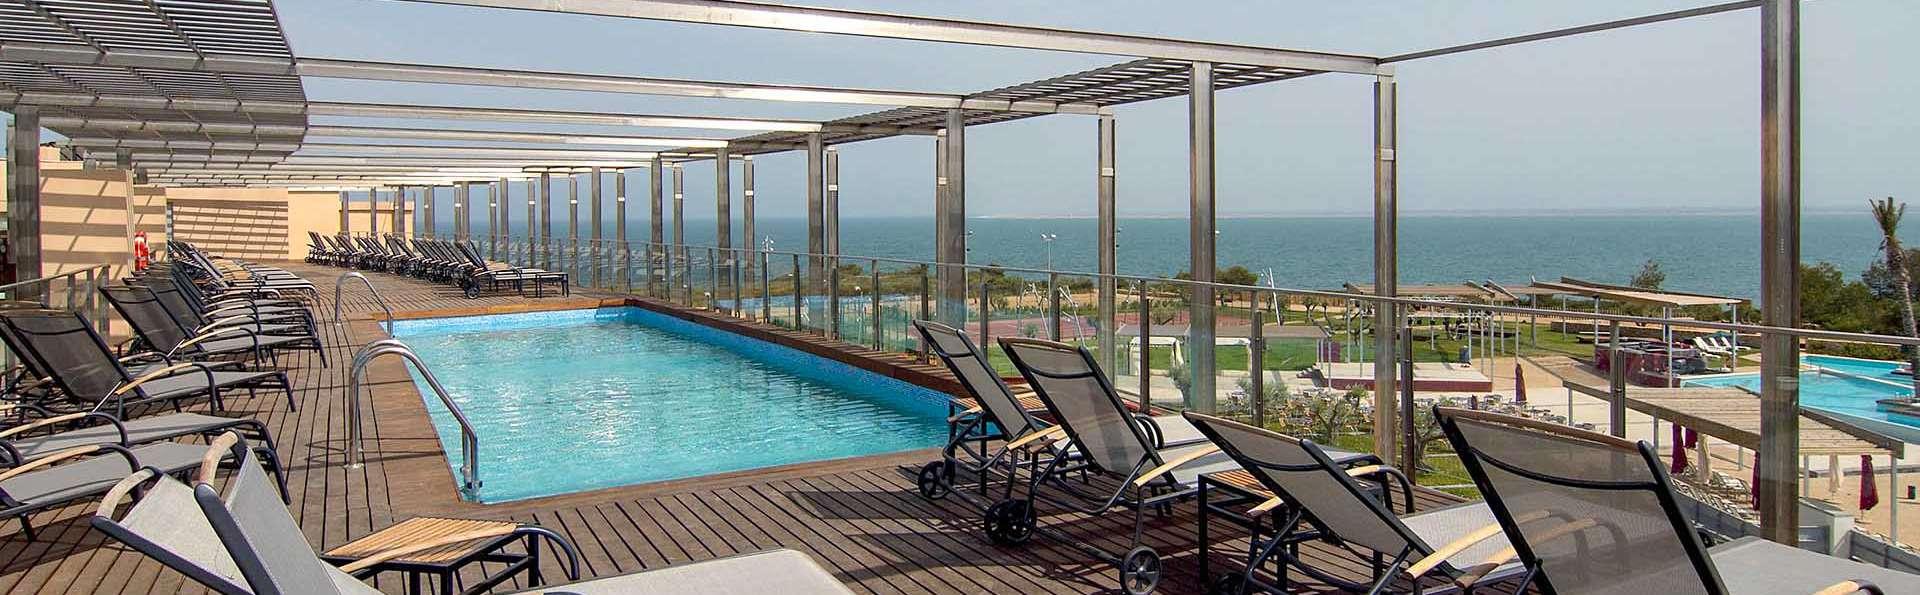 Découvrez les criques de El Perelló avec accès au spa, demi-pension et hébergement enfant gratuit